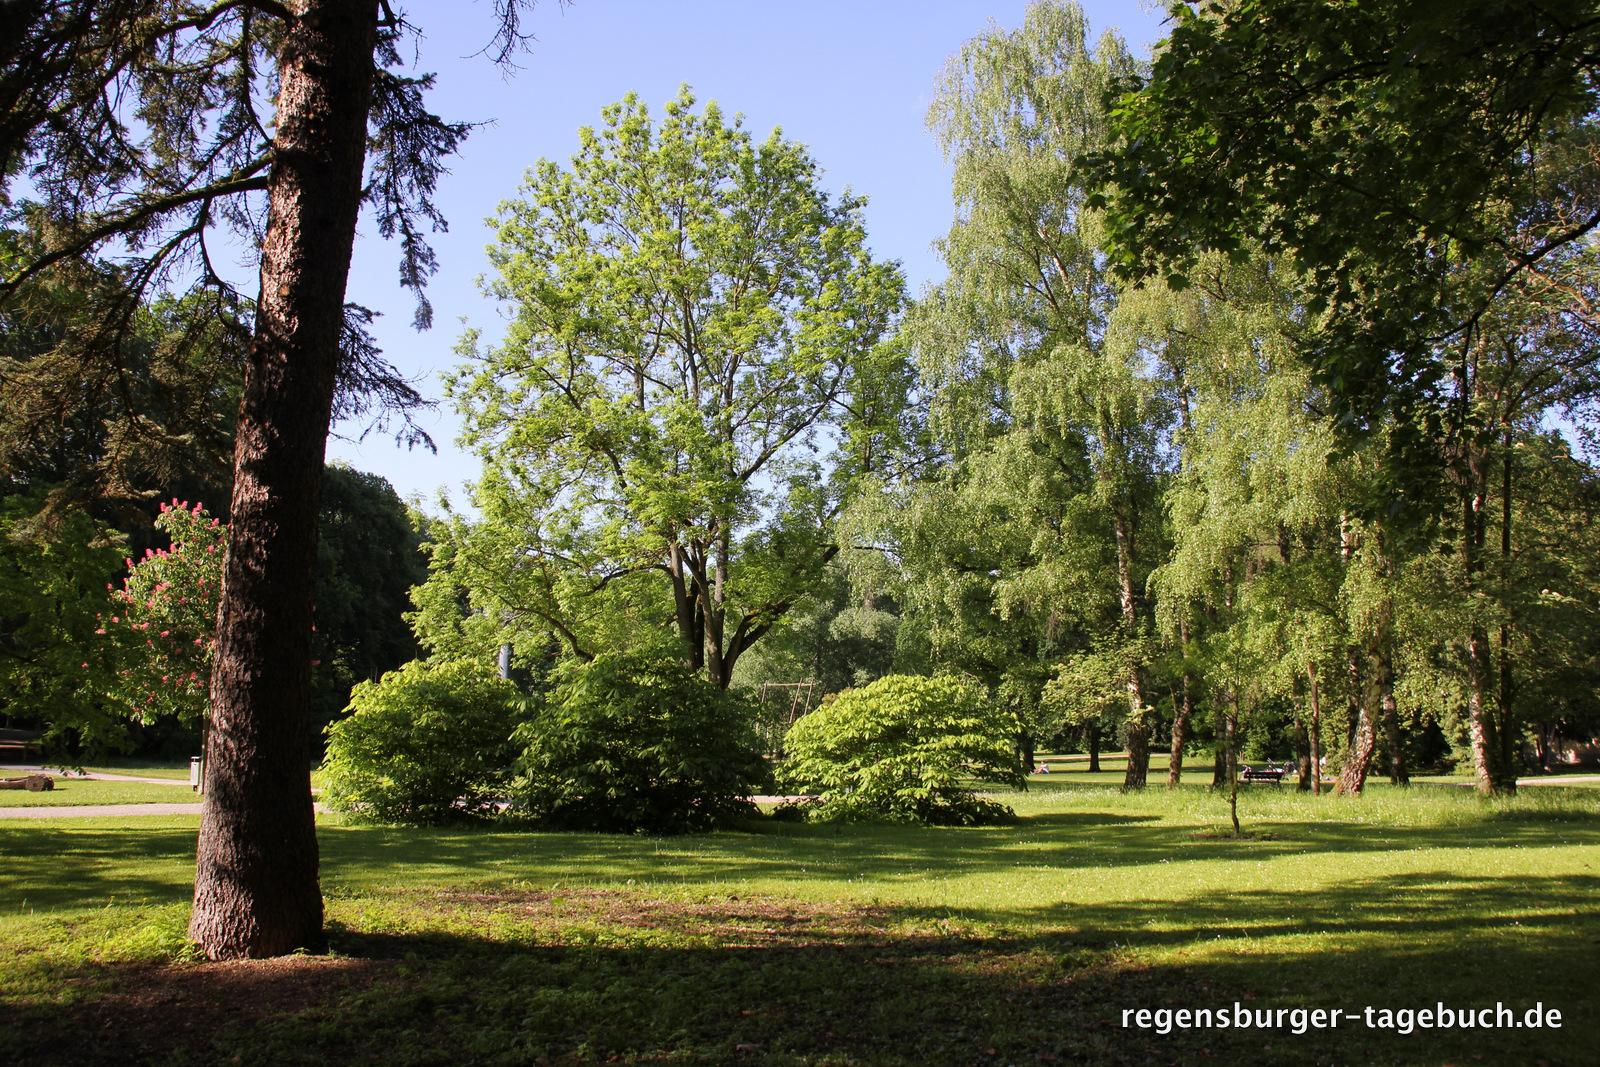 Gartenamt Regensburg